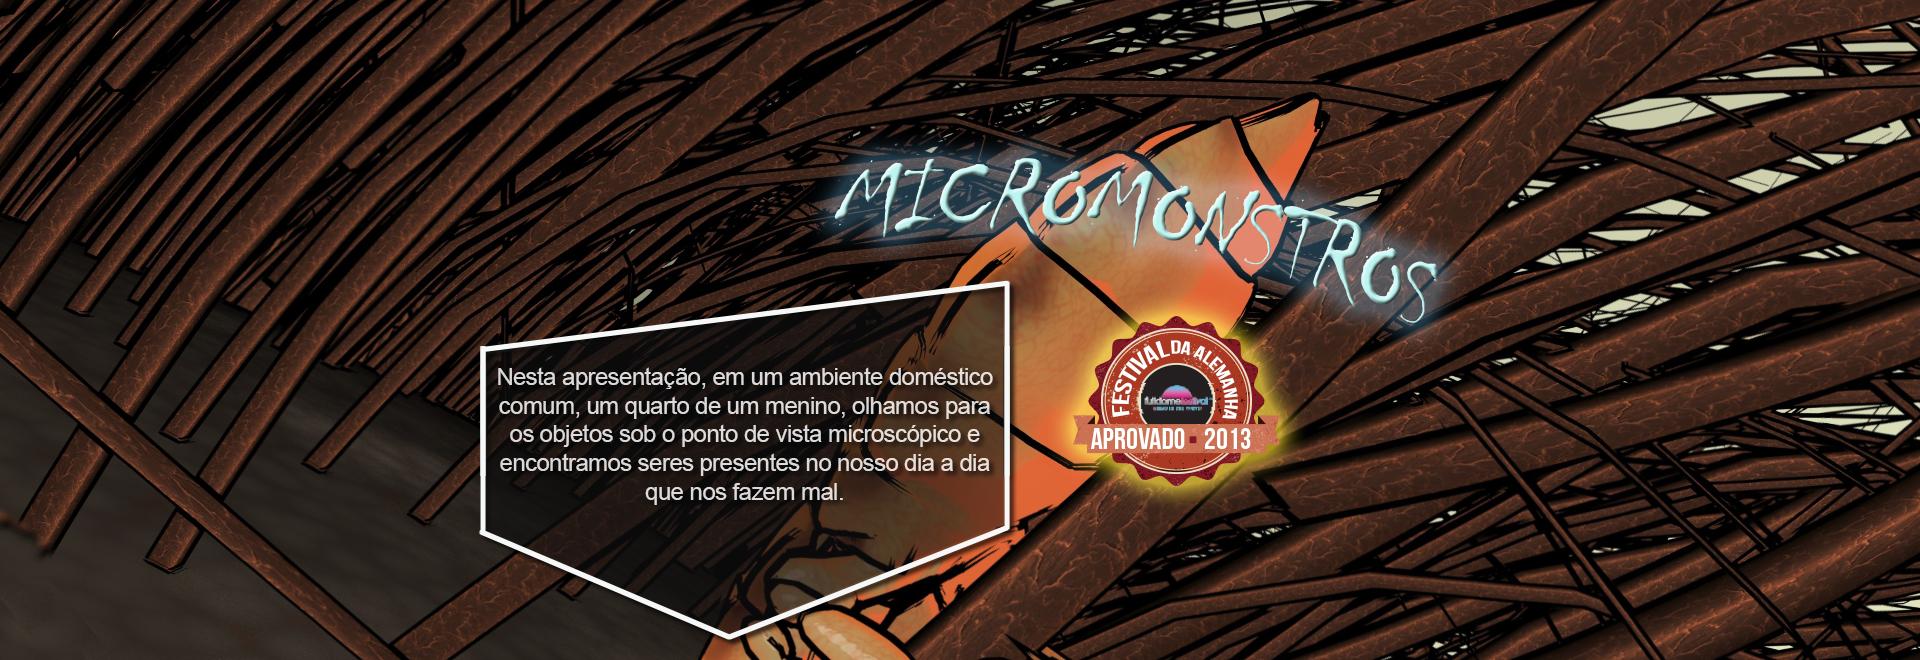 banner-micromonstros-660